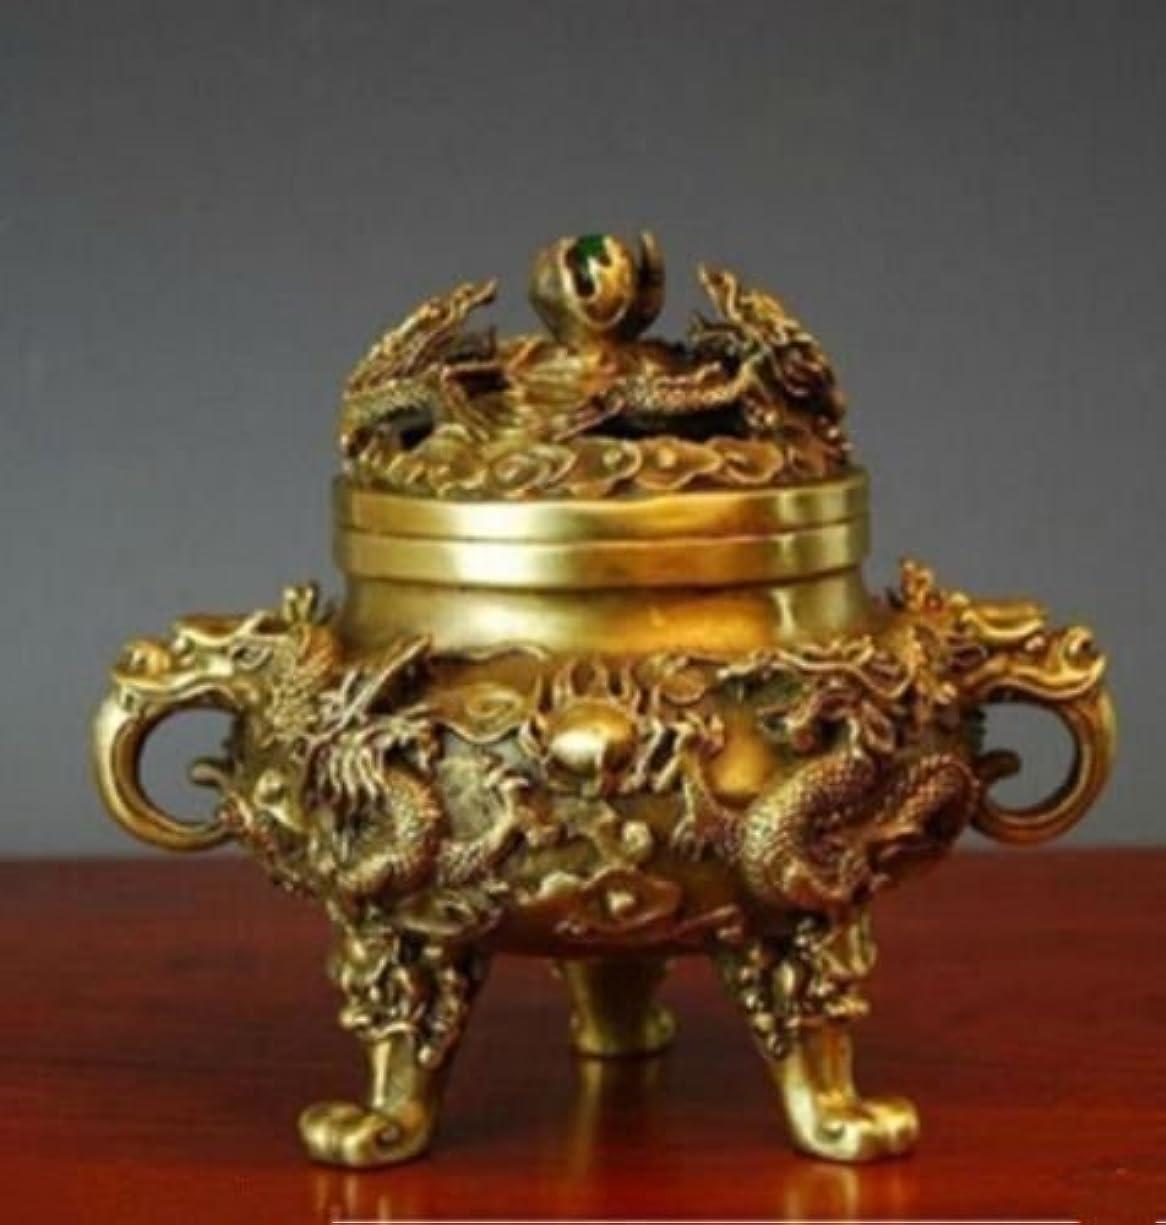 コレクティブル中国の真鍮の九ドラゴンズ九龍香のバーナー (2)